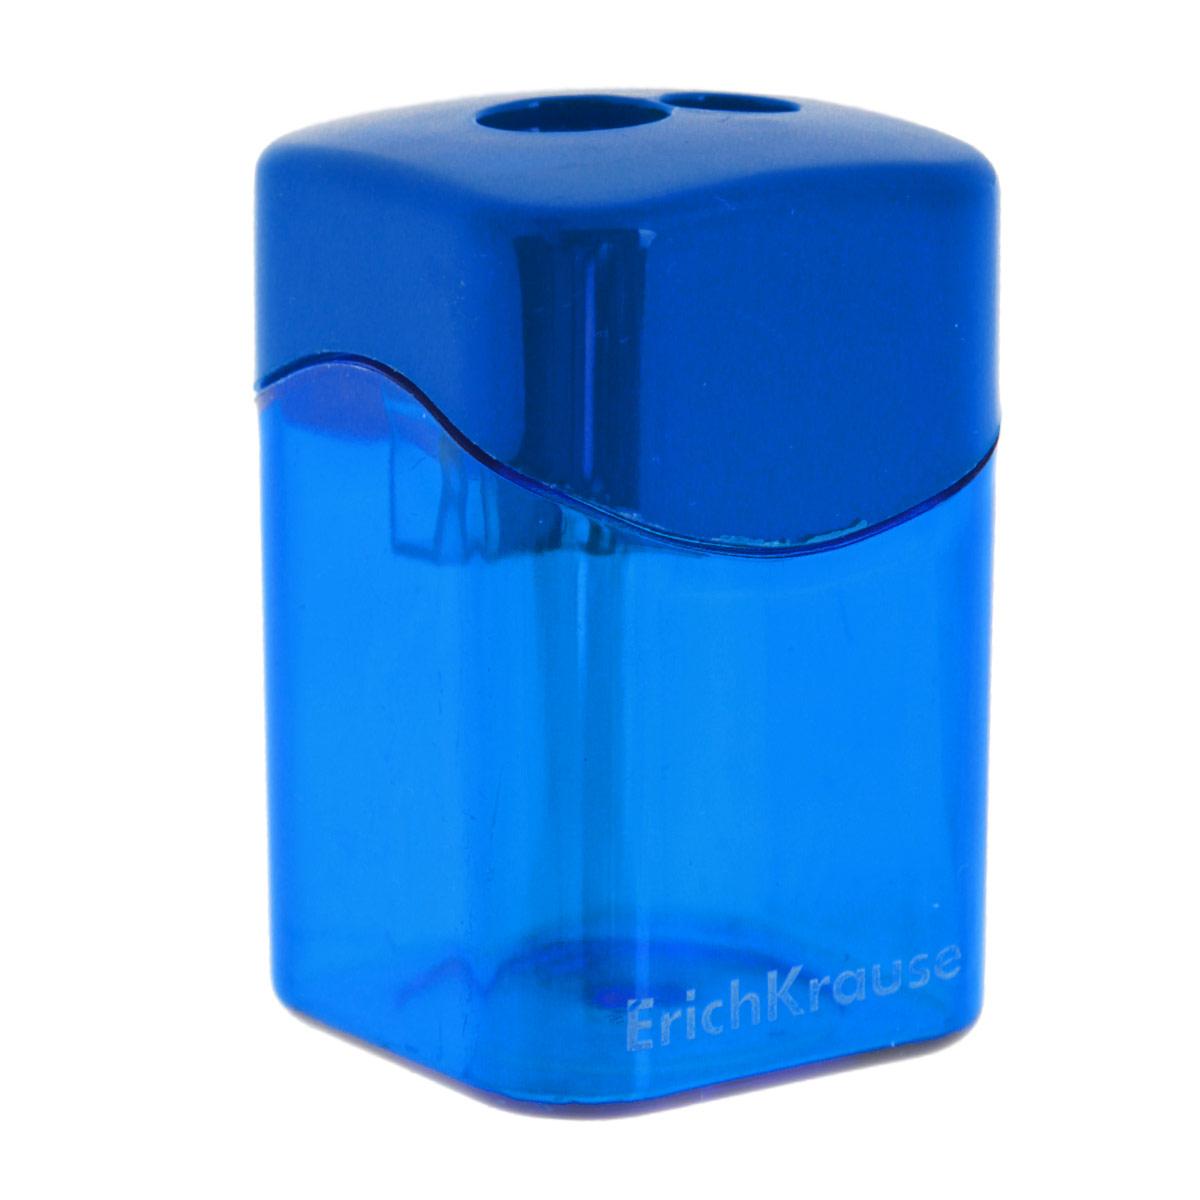 Точилка Erich Krause, с 2 отверстиями, цвет: синий21835_синийТочилка Erich Krause с двумя отверстиями для заточки стандартных и утолщенных карандашей, выполнена из ударопрочного пластика с лезвием из высококачественной стали. Полупрозрачный контейнер для сбора стружки повышенной вместимости позволяет визуально контролировать уровень заполнения и вовремя производить очистку.